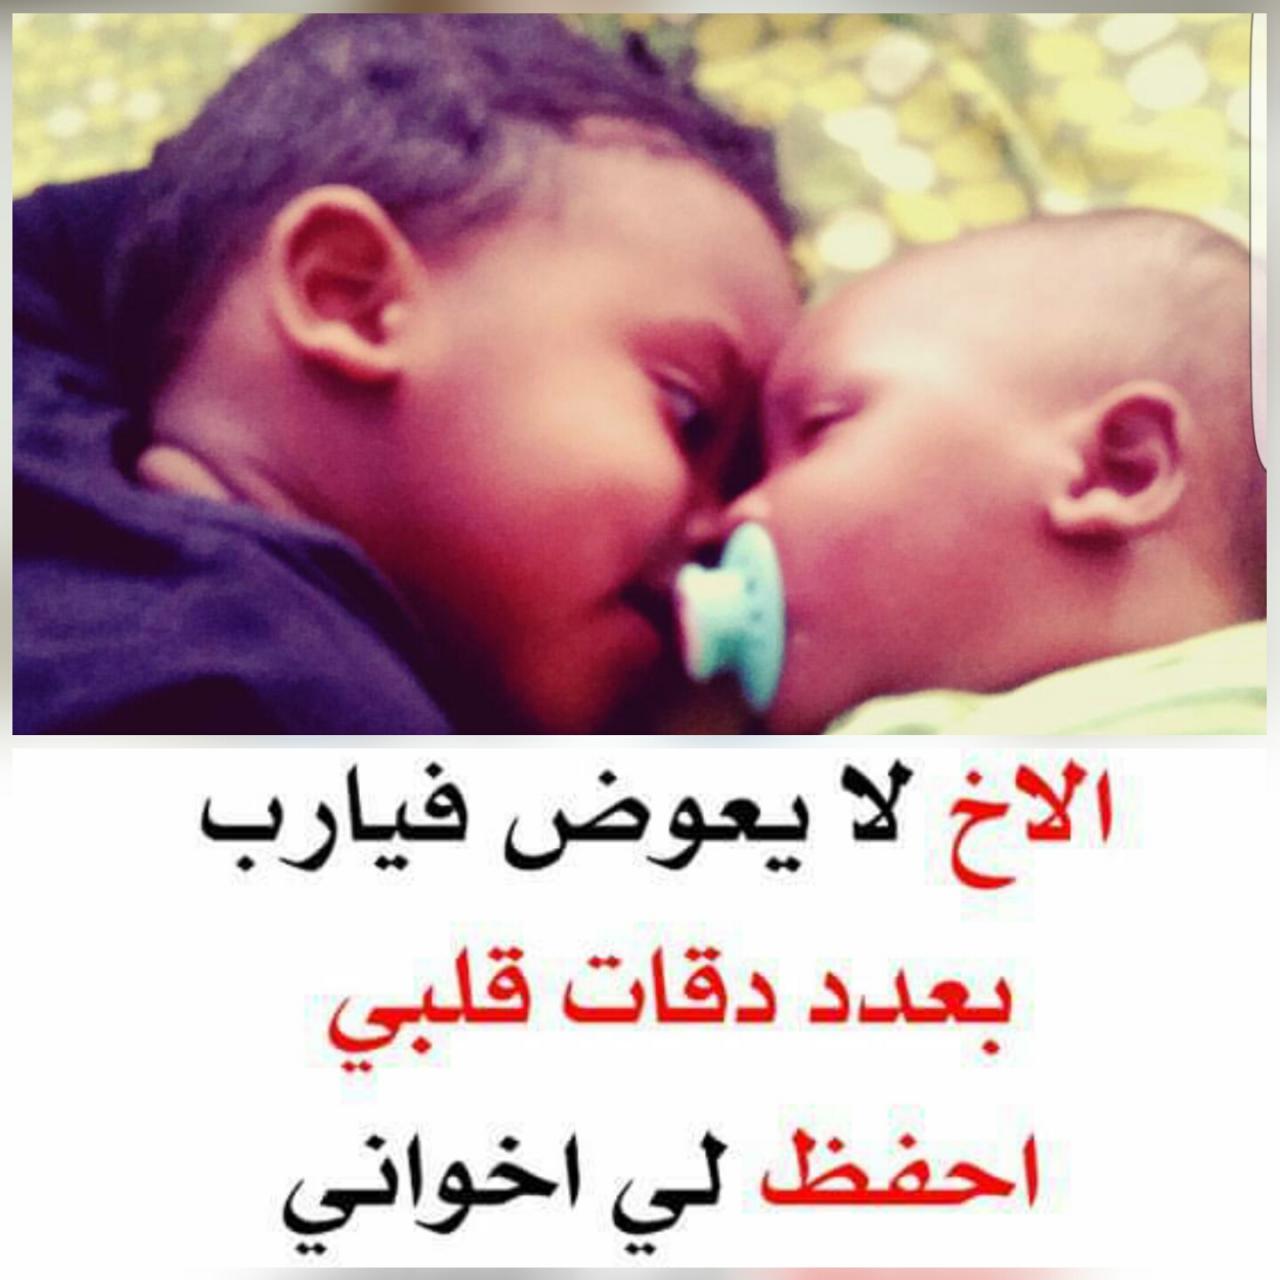 صورة حب الاخوان والاخوات , الحب الاخوى احساس فطرى